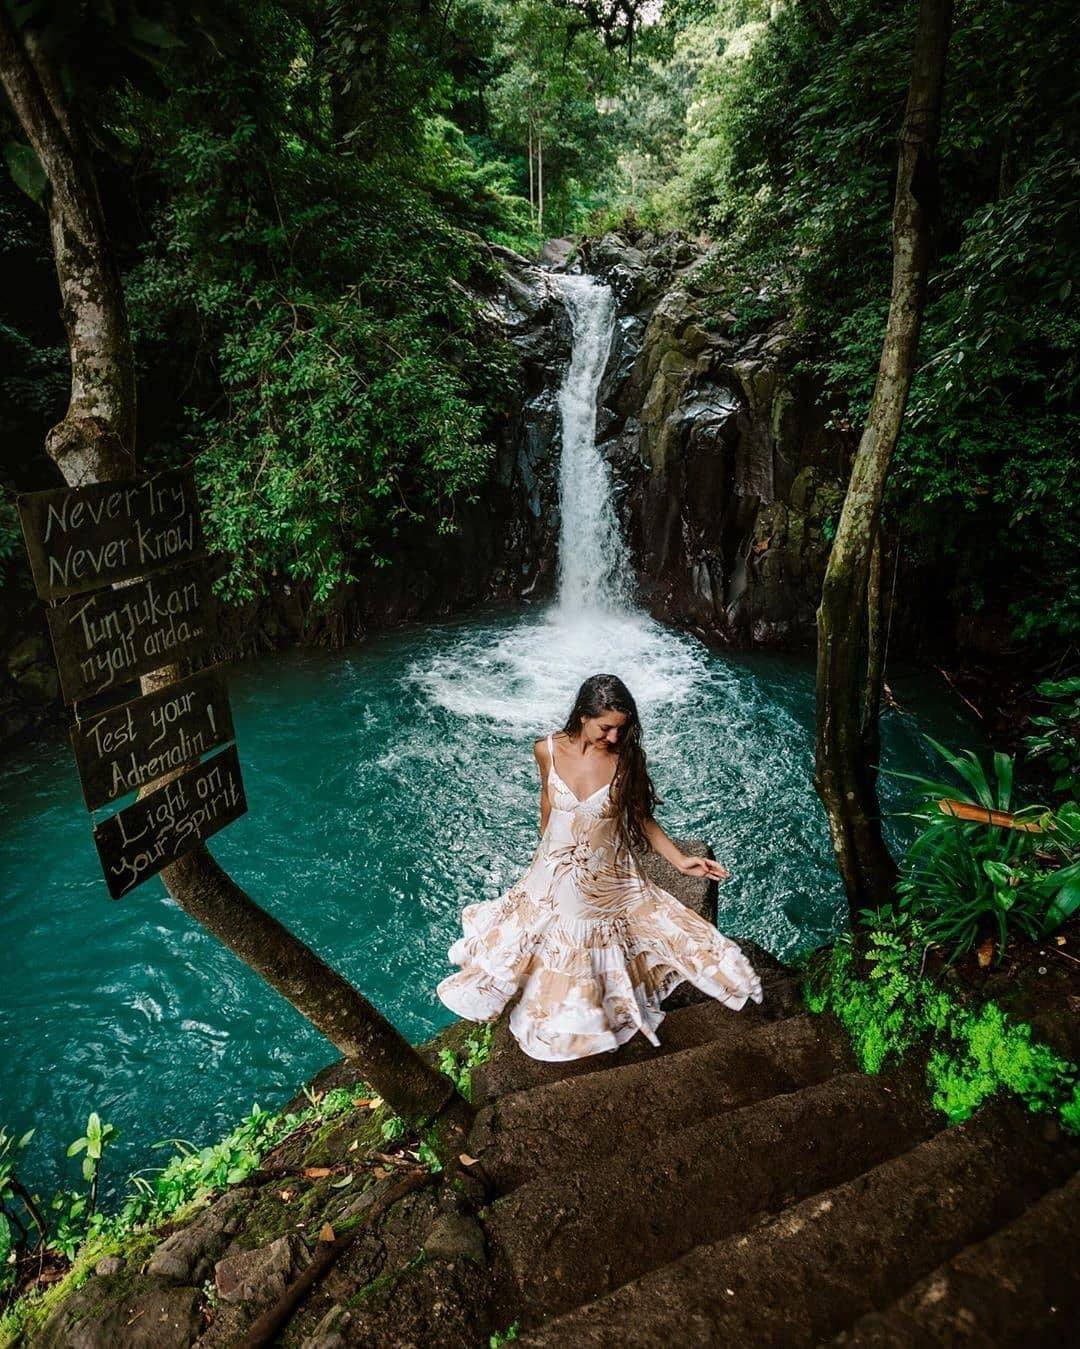 Air Terjun Aling-Aling, Bali (nathalie_wanders)